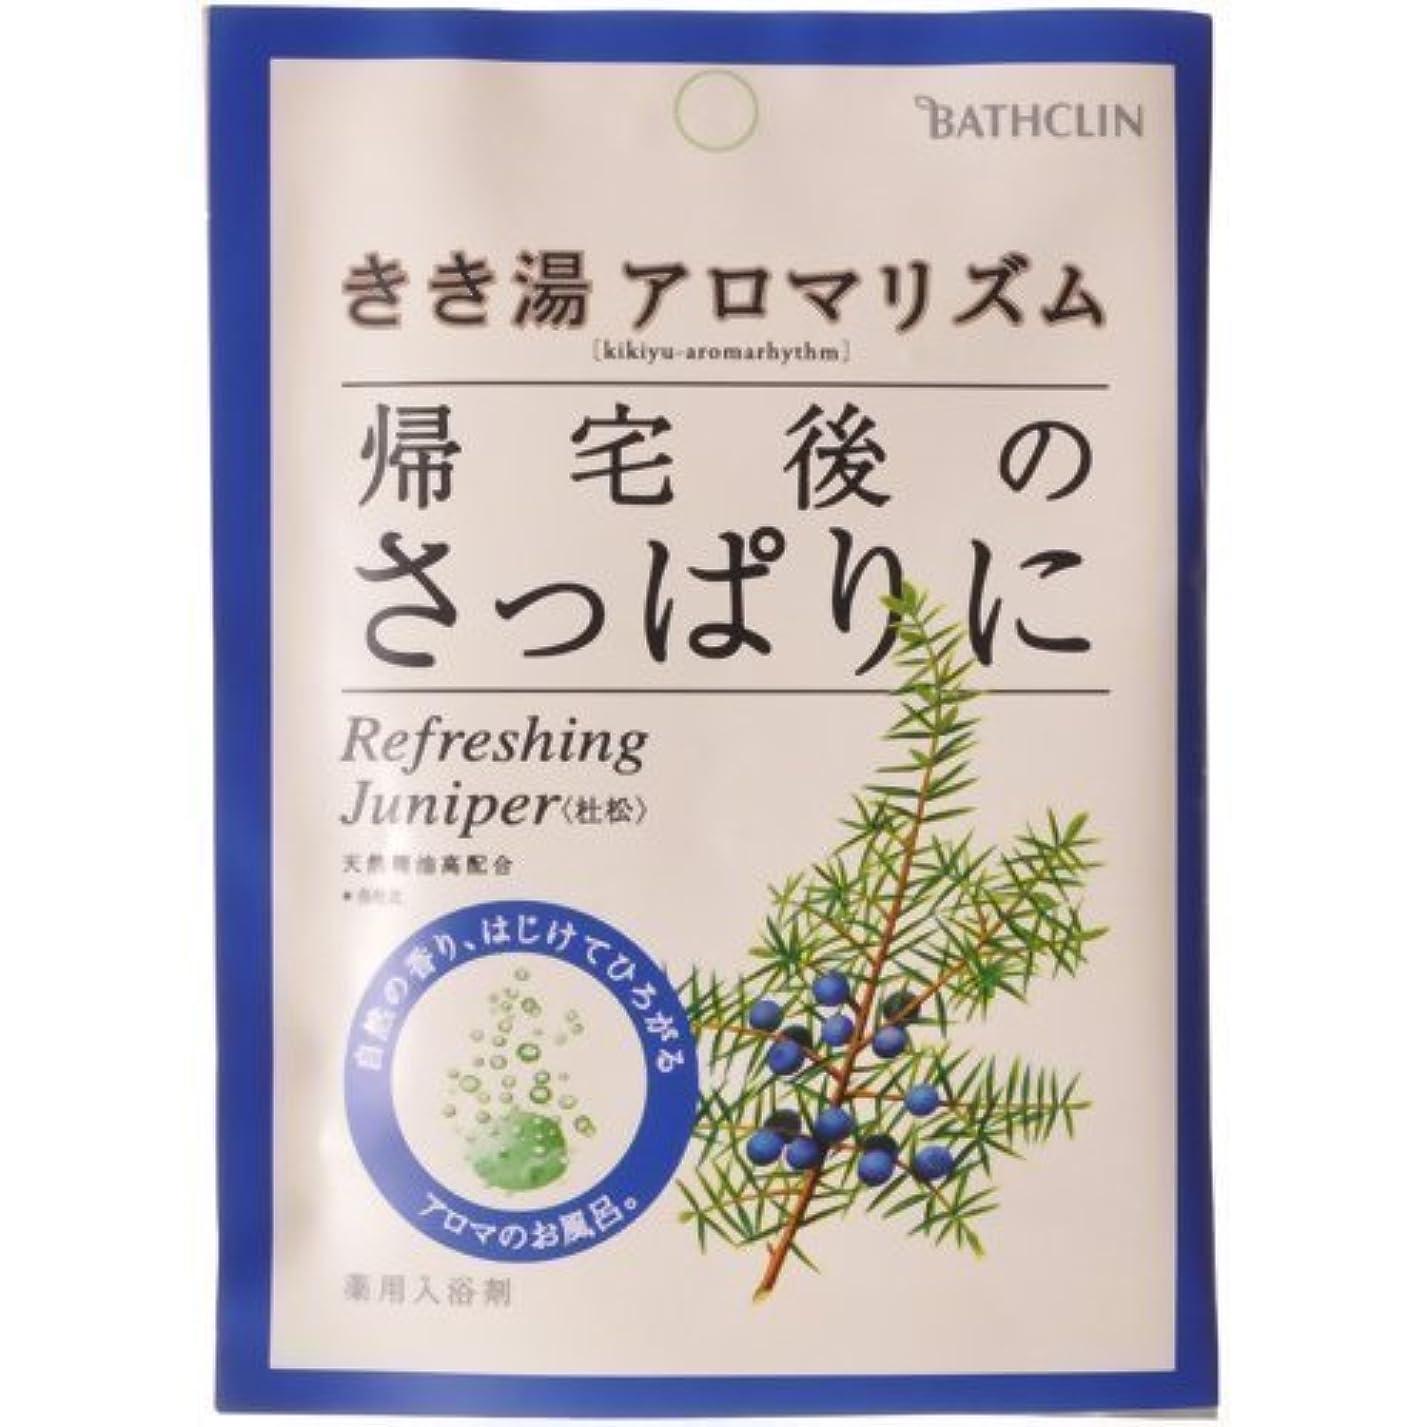 上に波速いきき湯 アロマリズム リフレッシュジュニパーの香り 30g